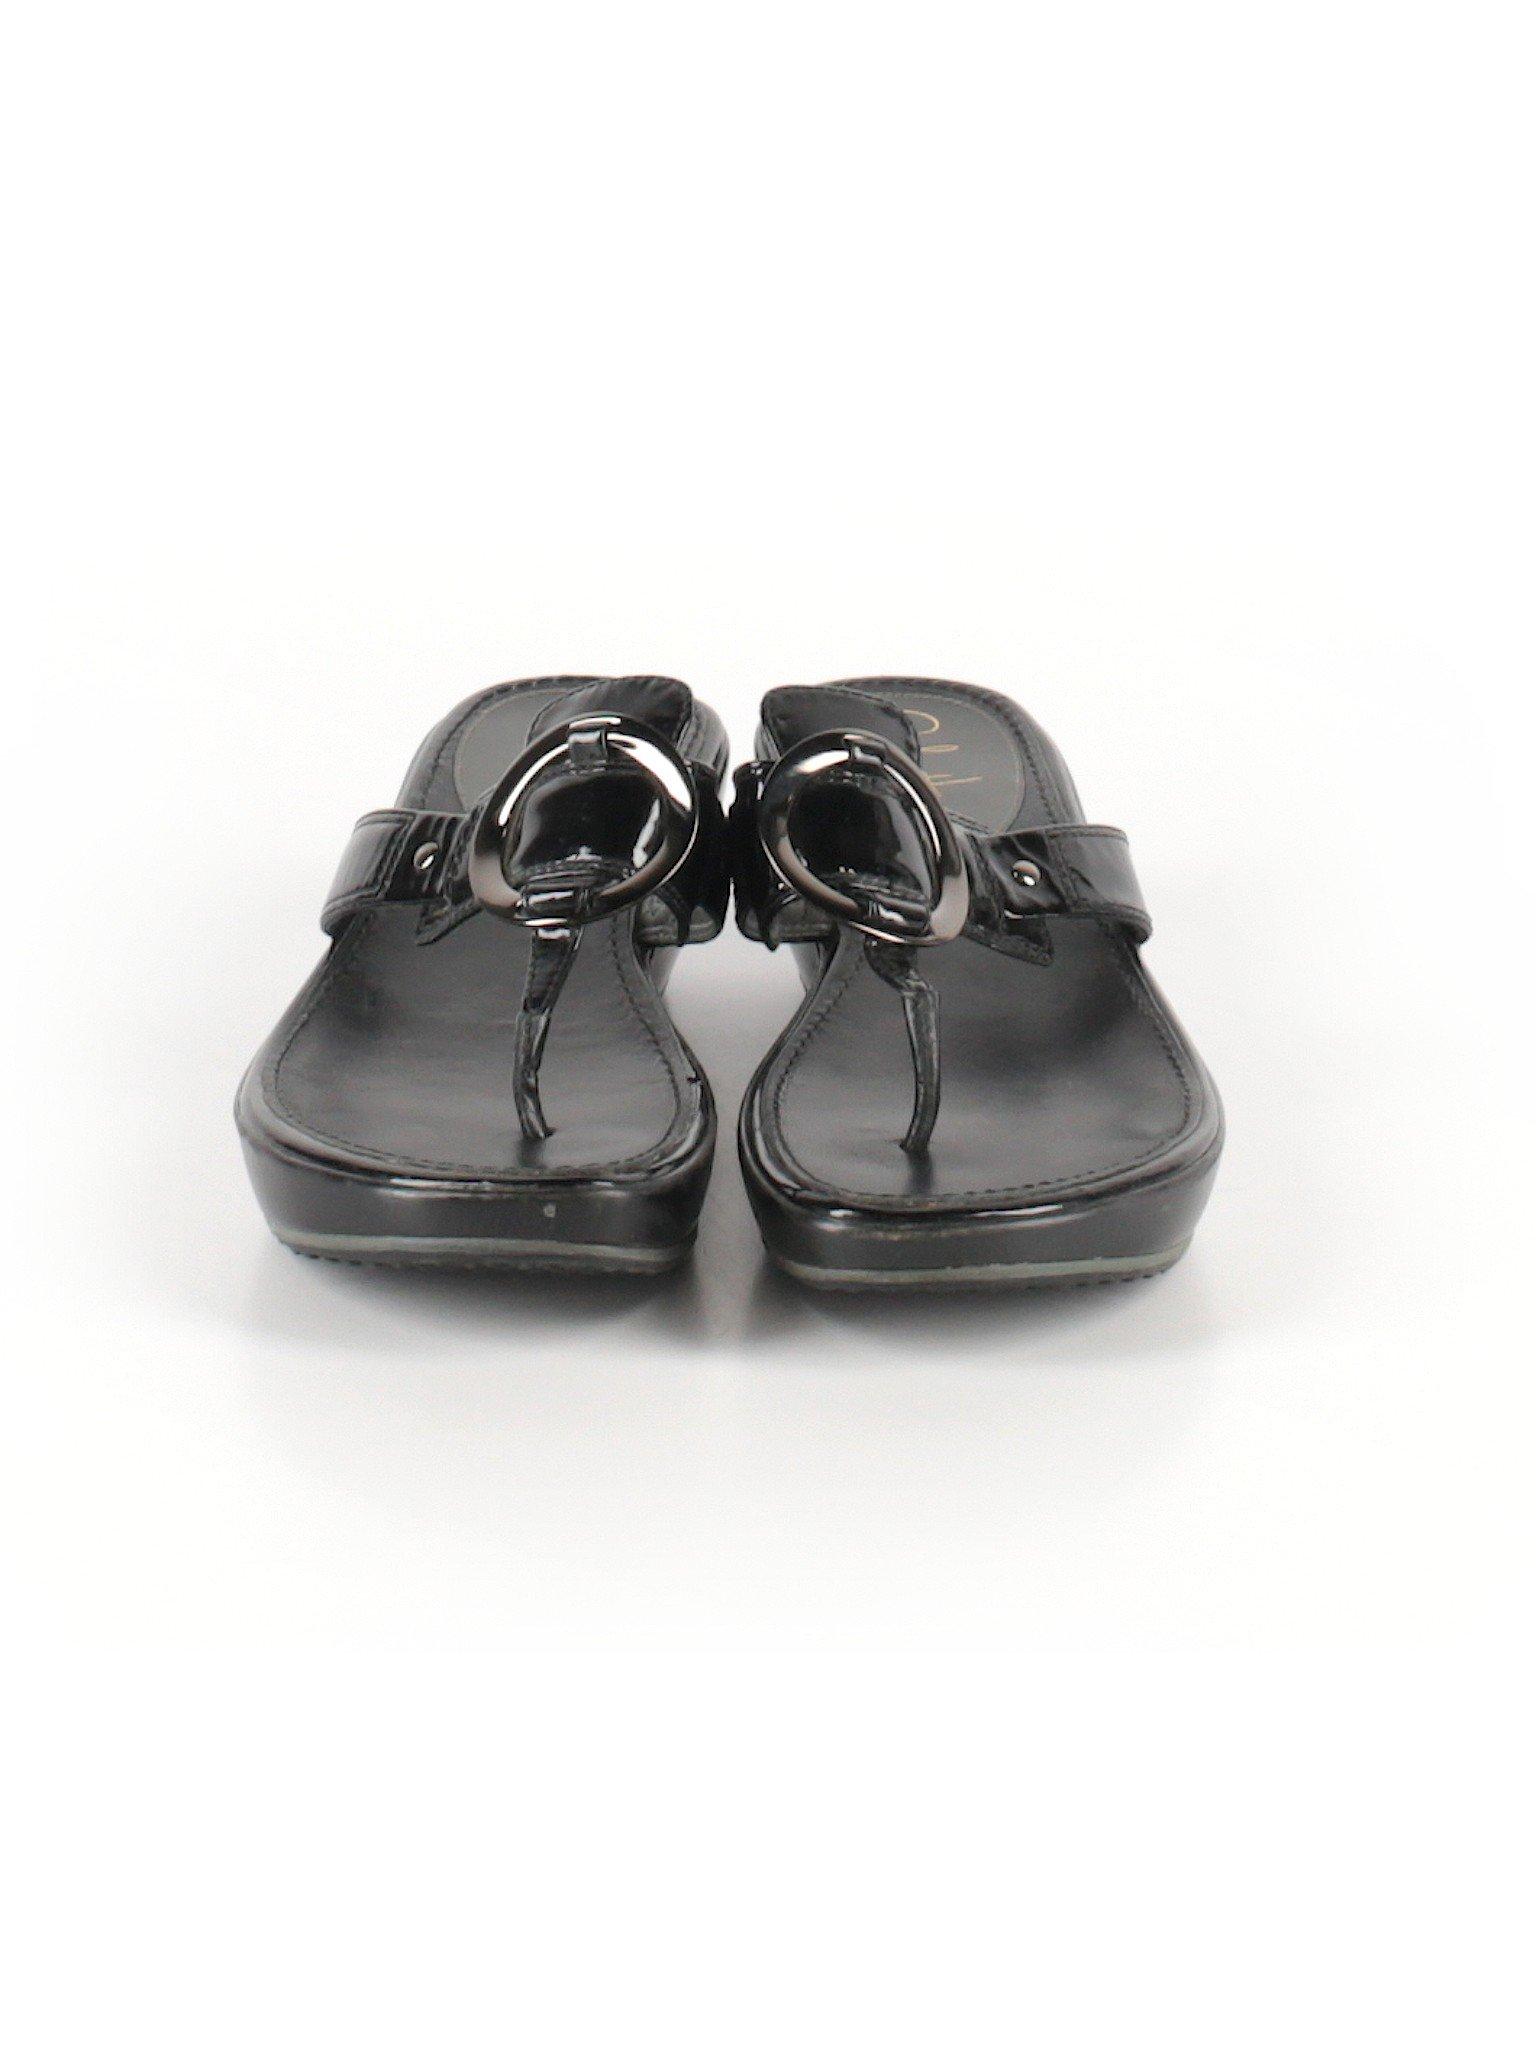 Boutique Haan Cole promotion Boutique promotion Sandals 6awq6rR